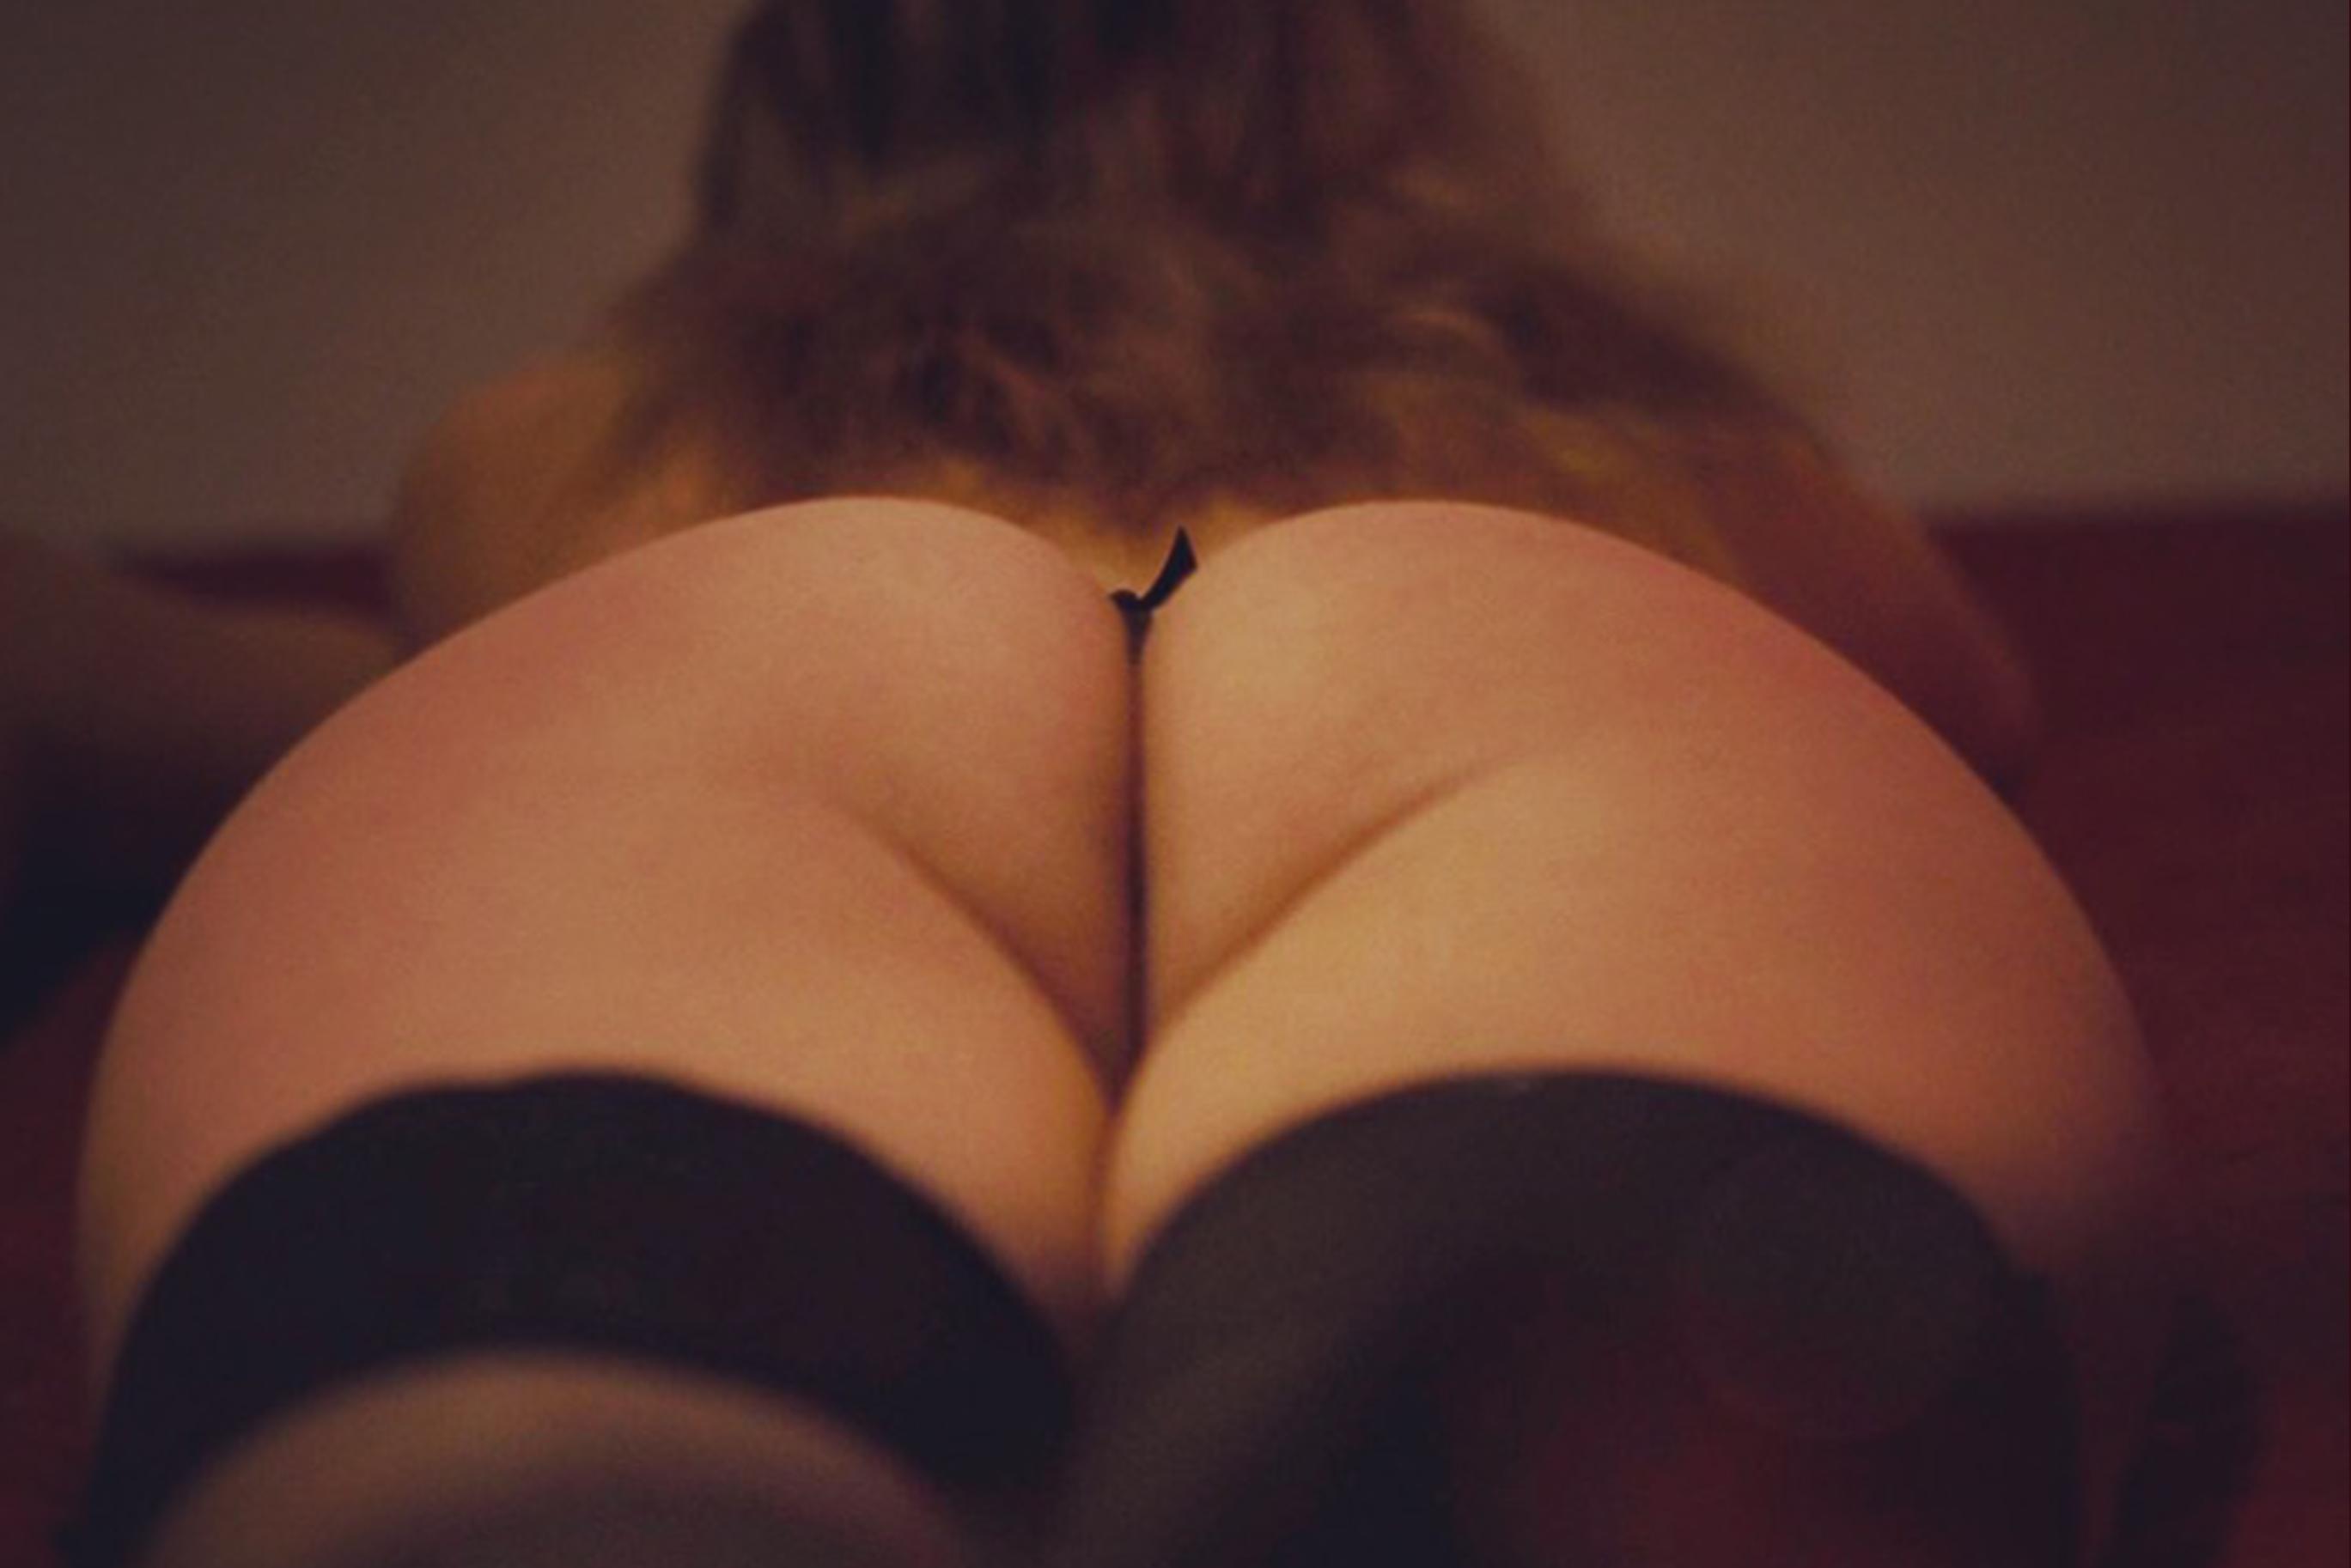 6_butt-2